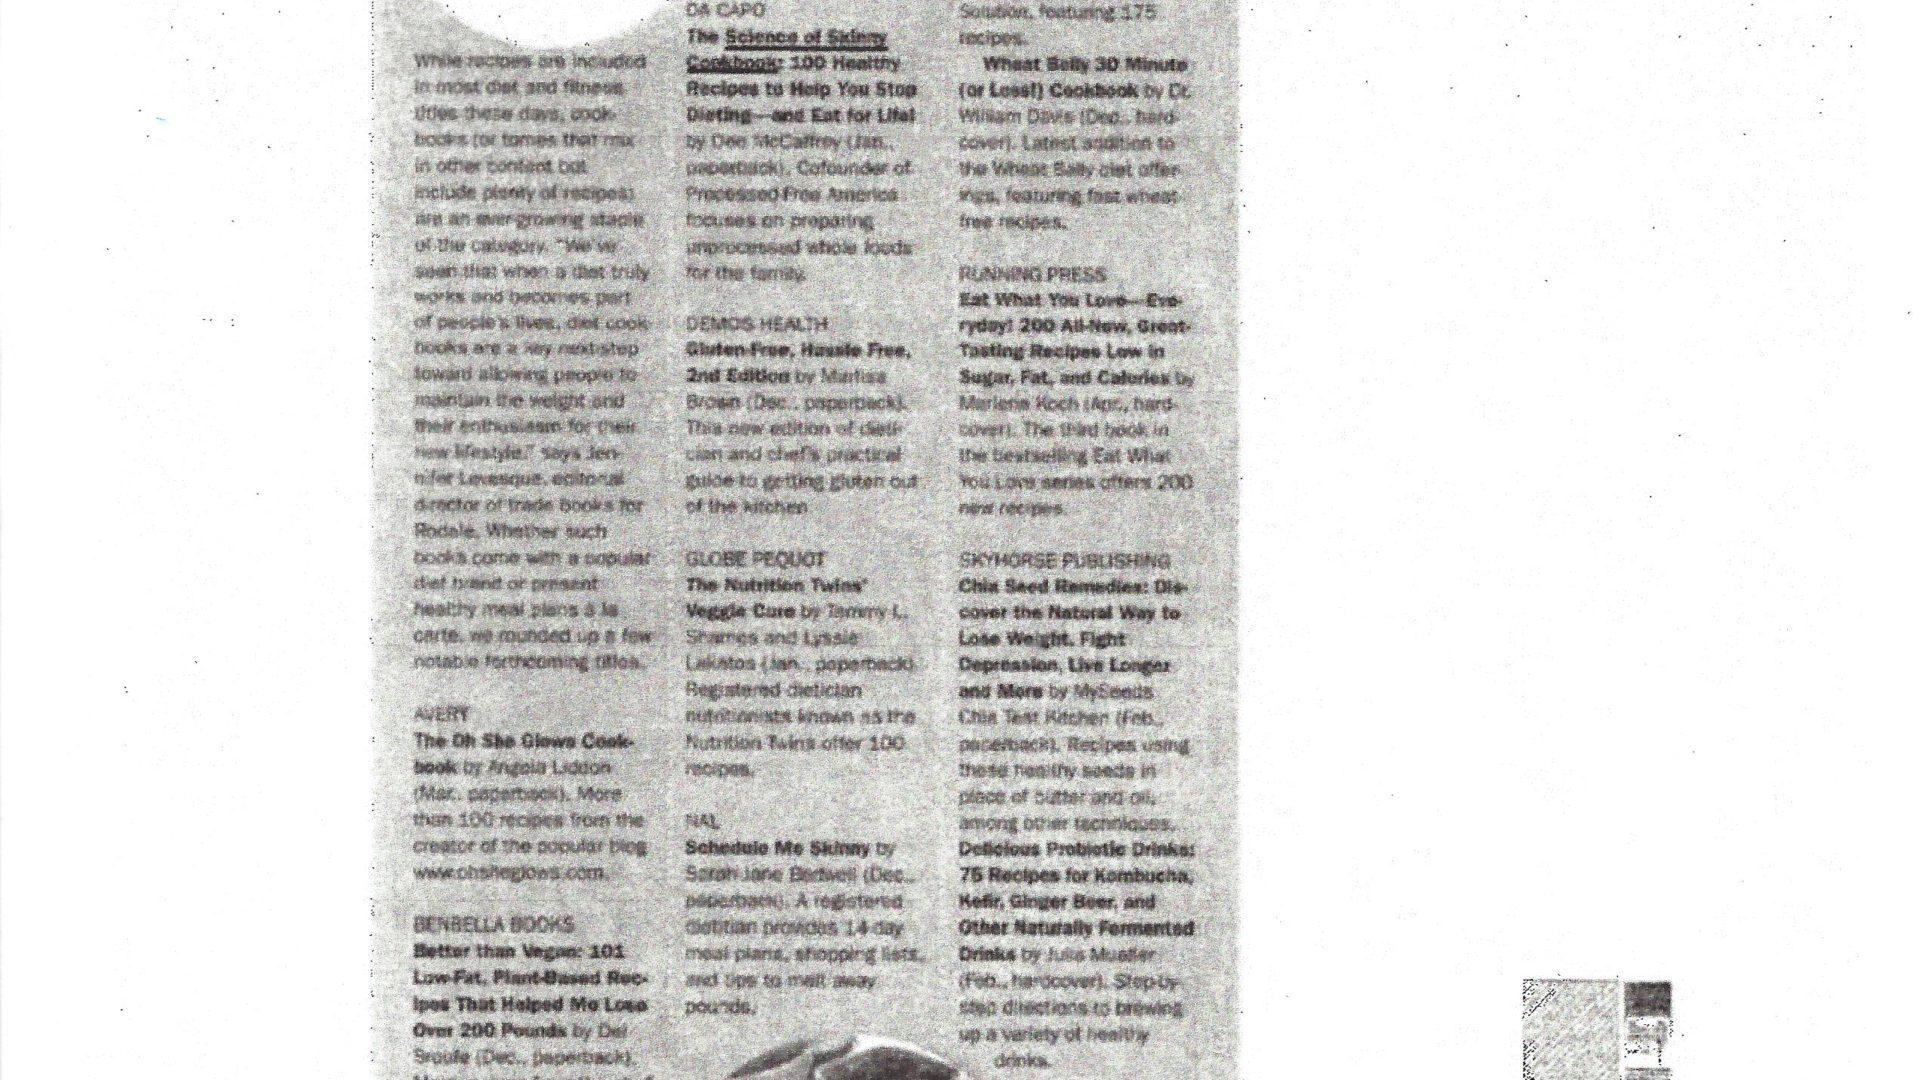 Publishers Weekly November 25, 2013